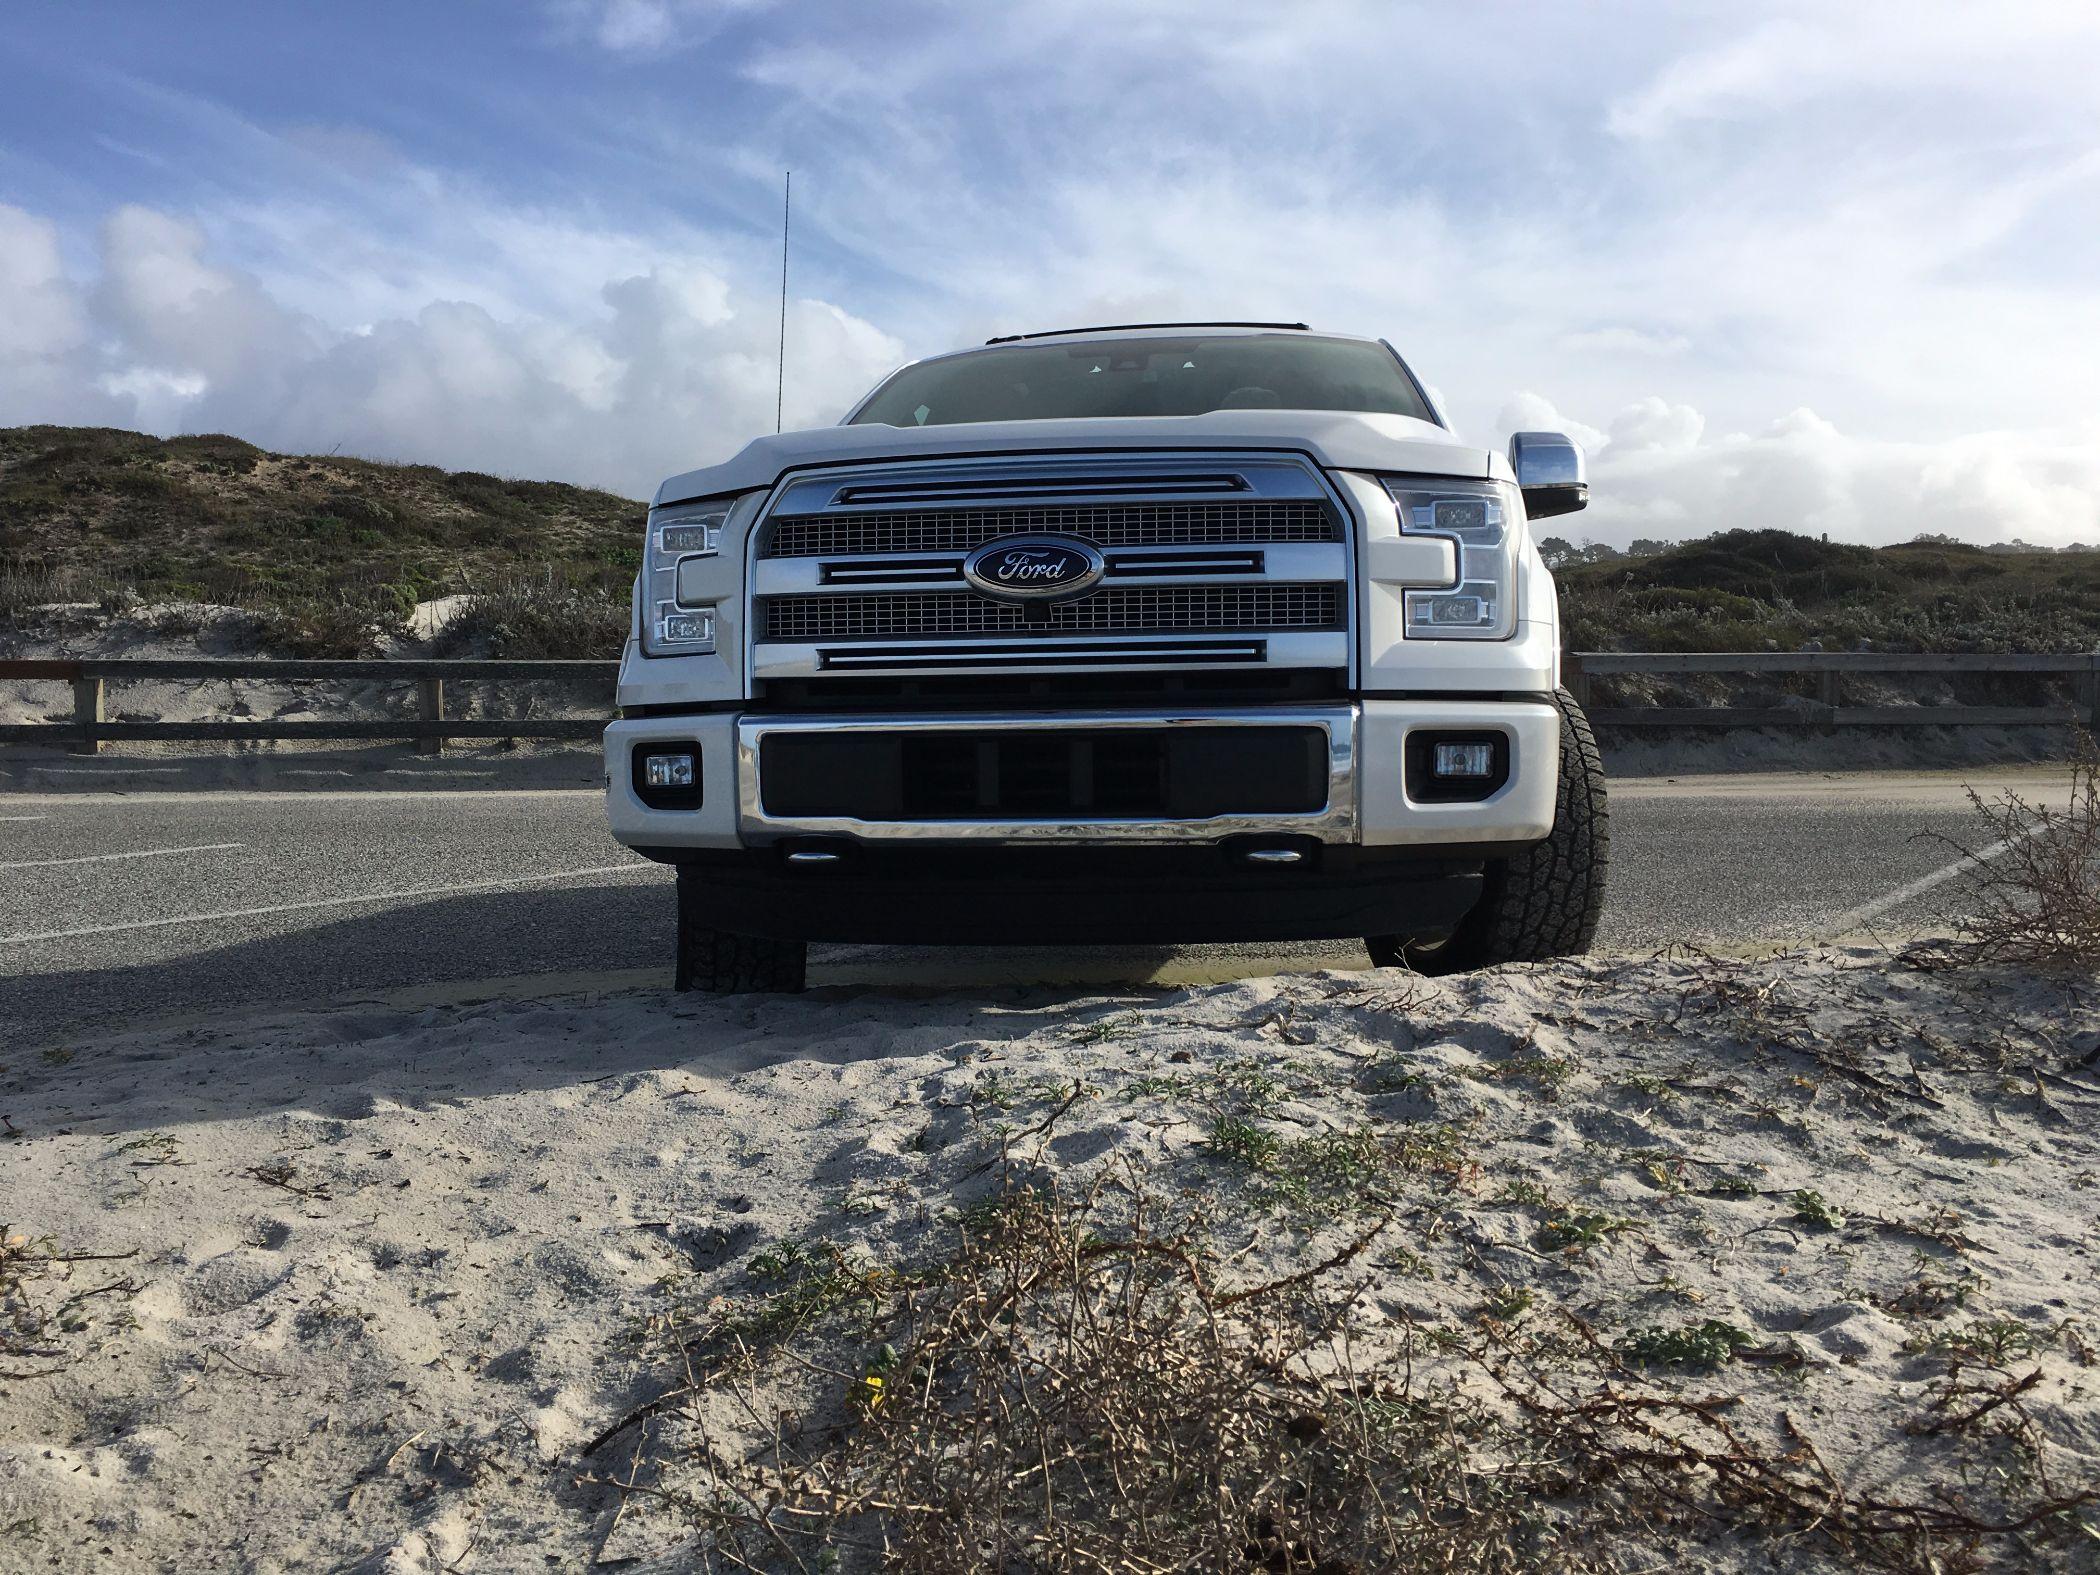 Ford F150 Front Allrad